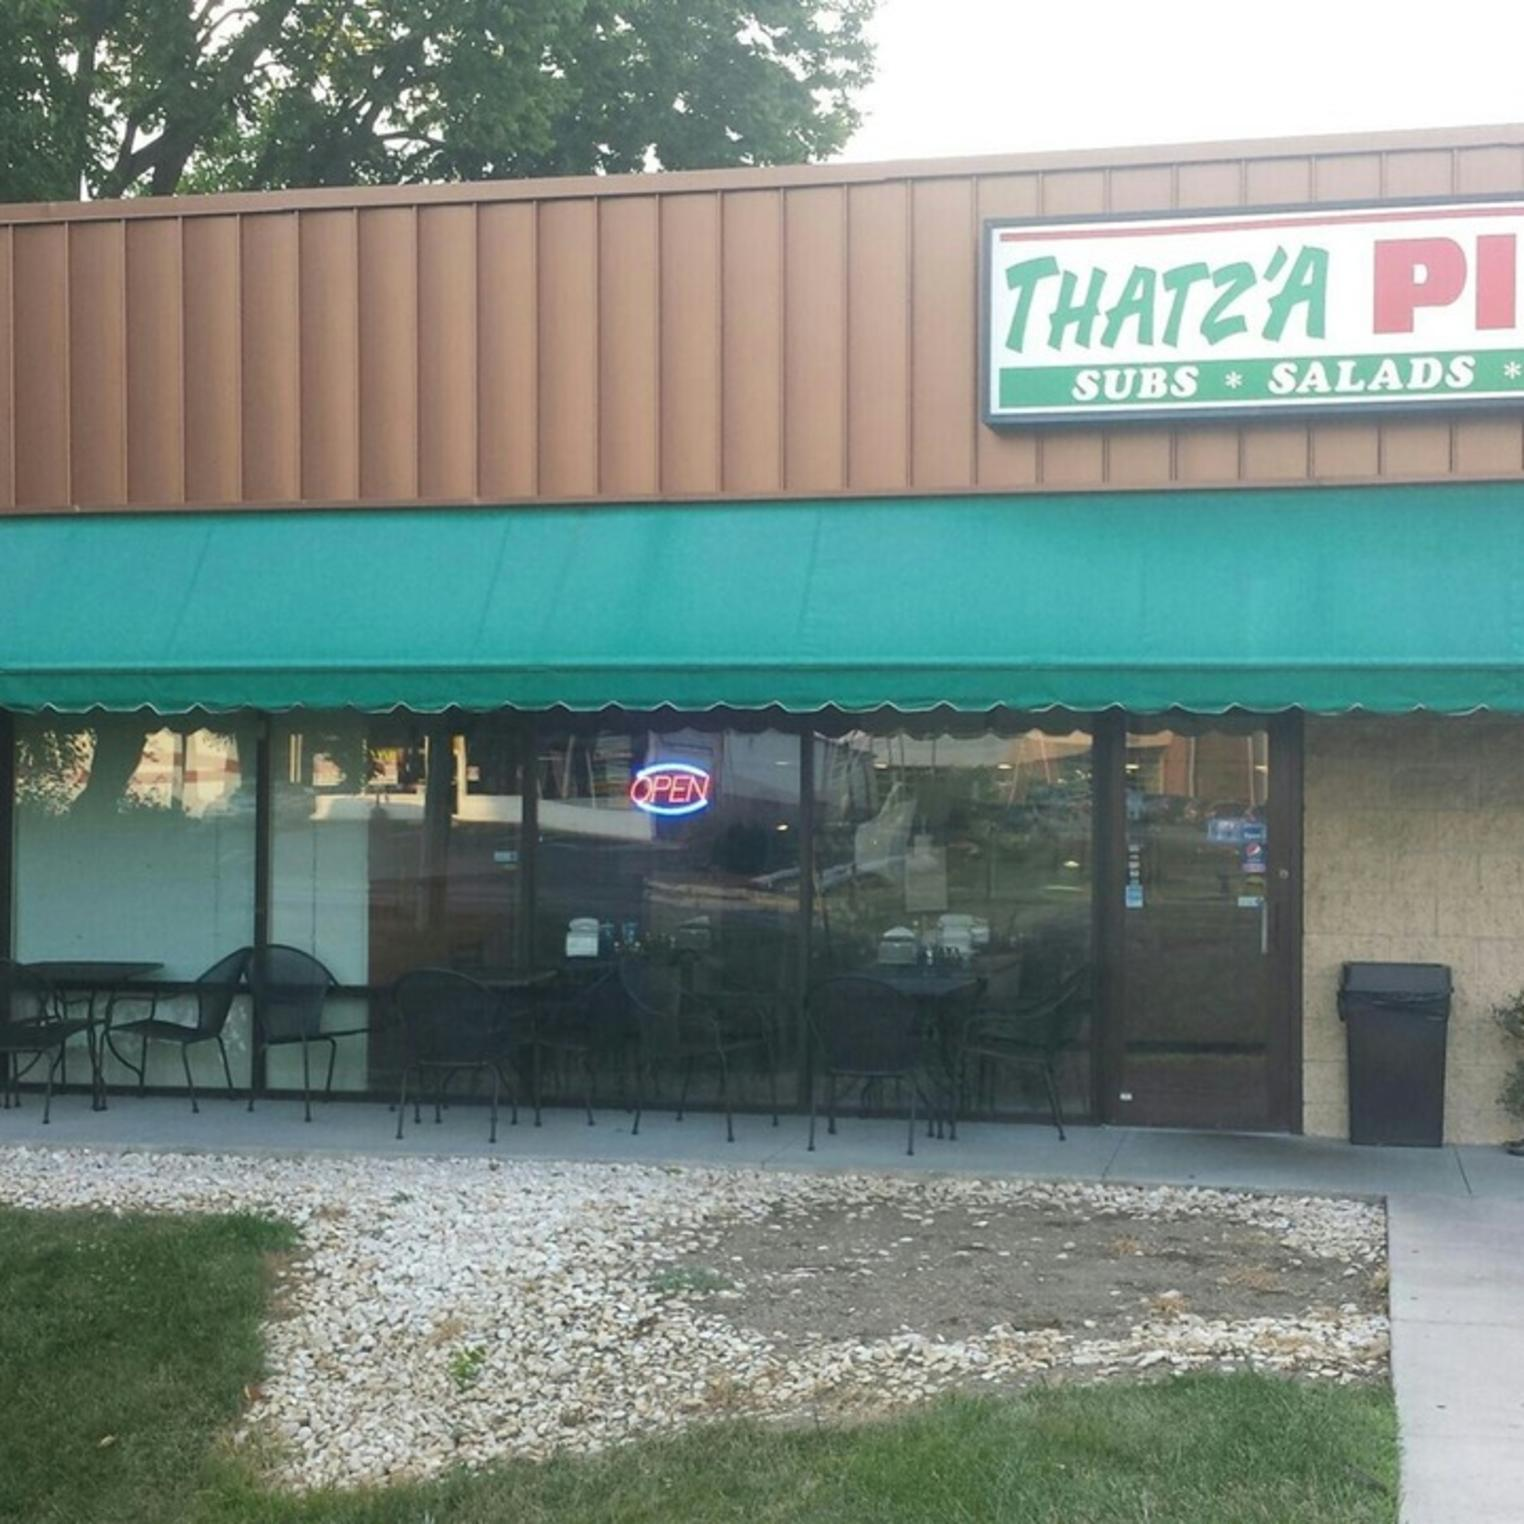 Thatz'a Pizza